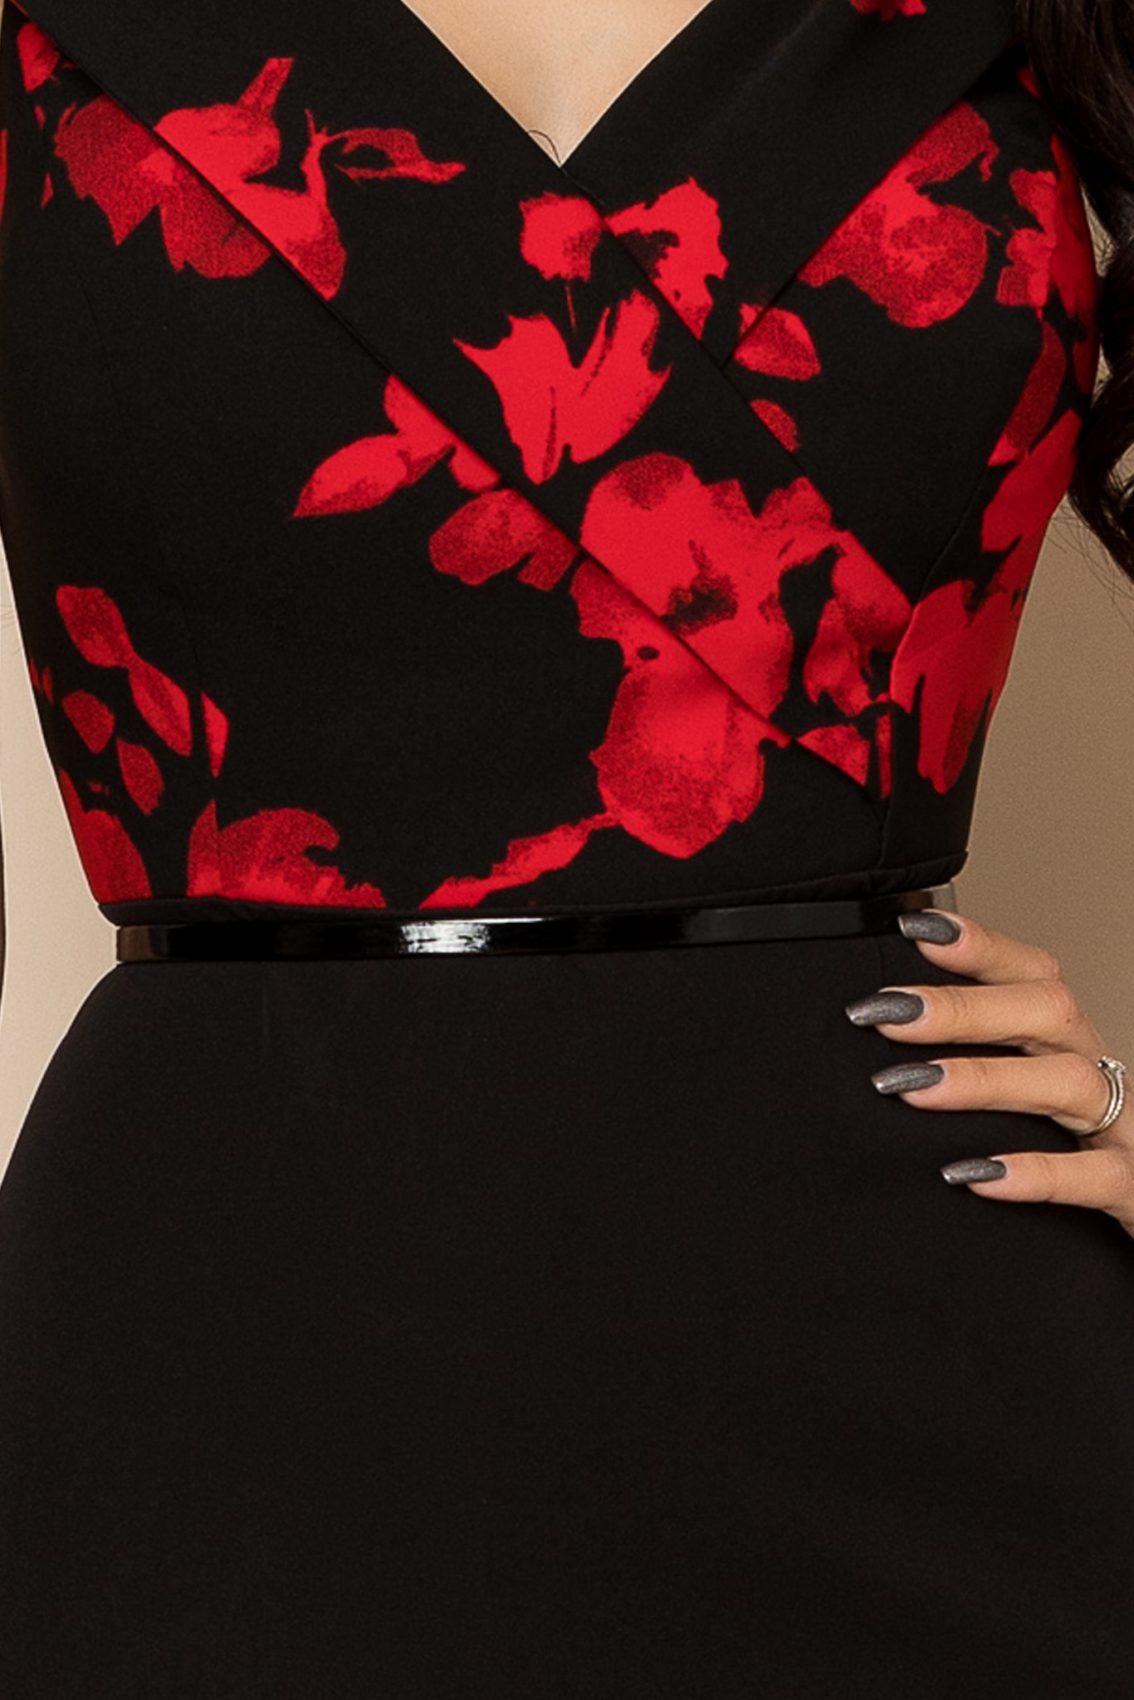 Μαύρο Φόρεμα Με Κόκκινα Λουλούδια Carlia A403 3